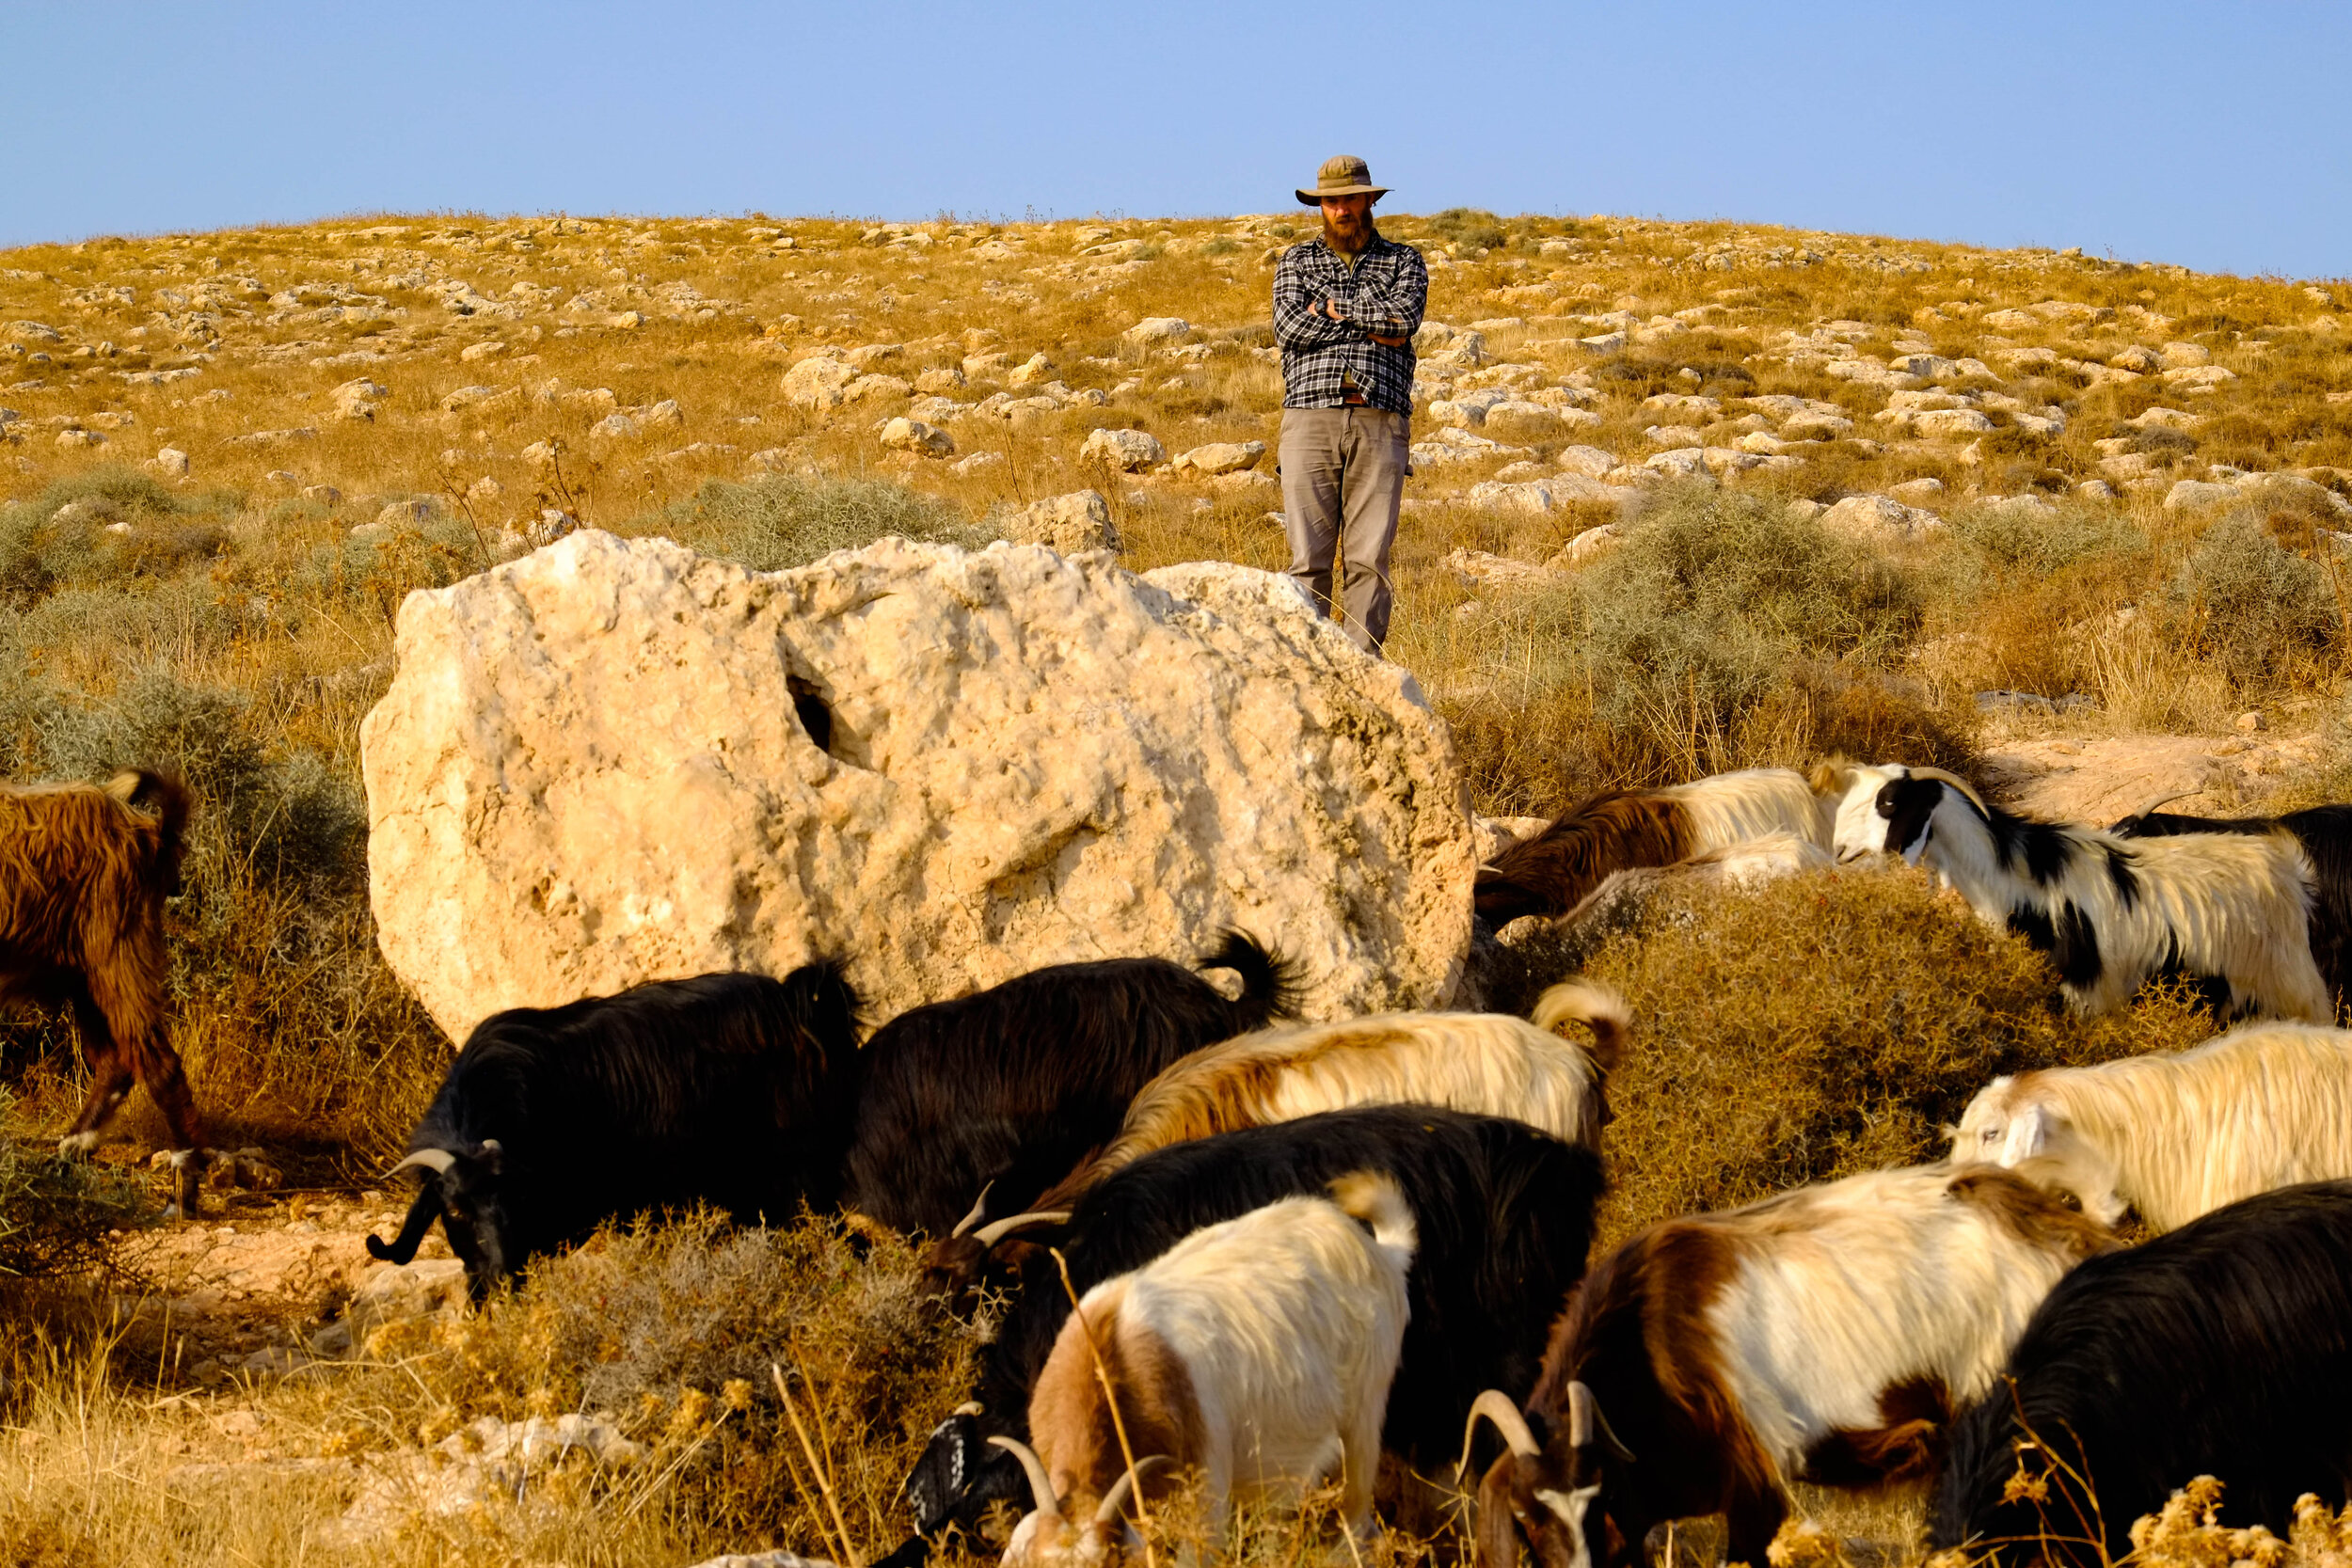 the head settler Elhanan standing over the Bedouin herd